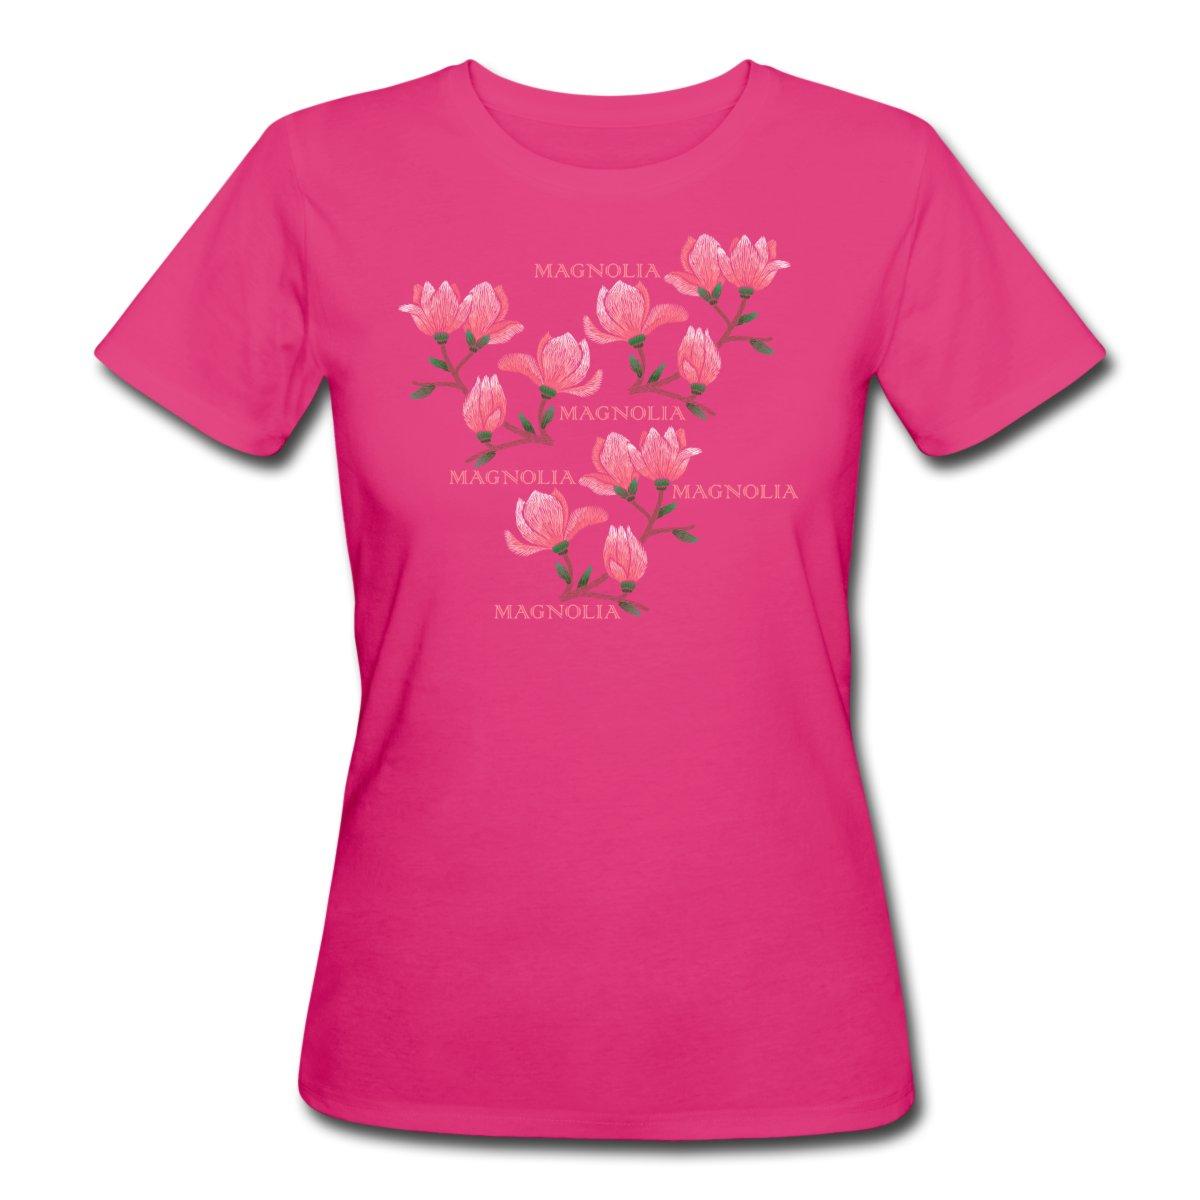 magnolia-ekologisk-t-shirt-dam-c.jpg